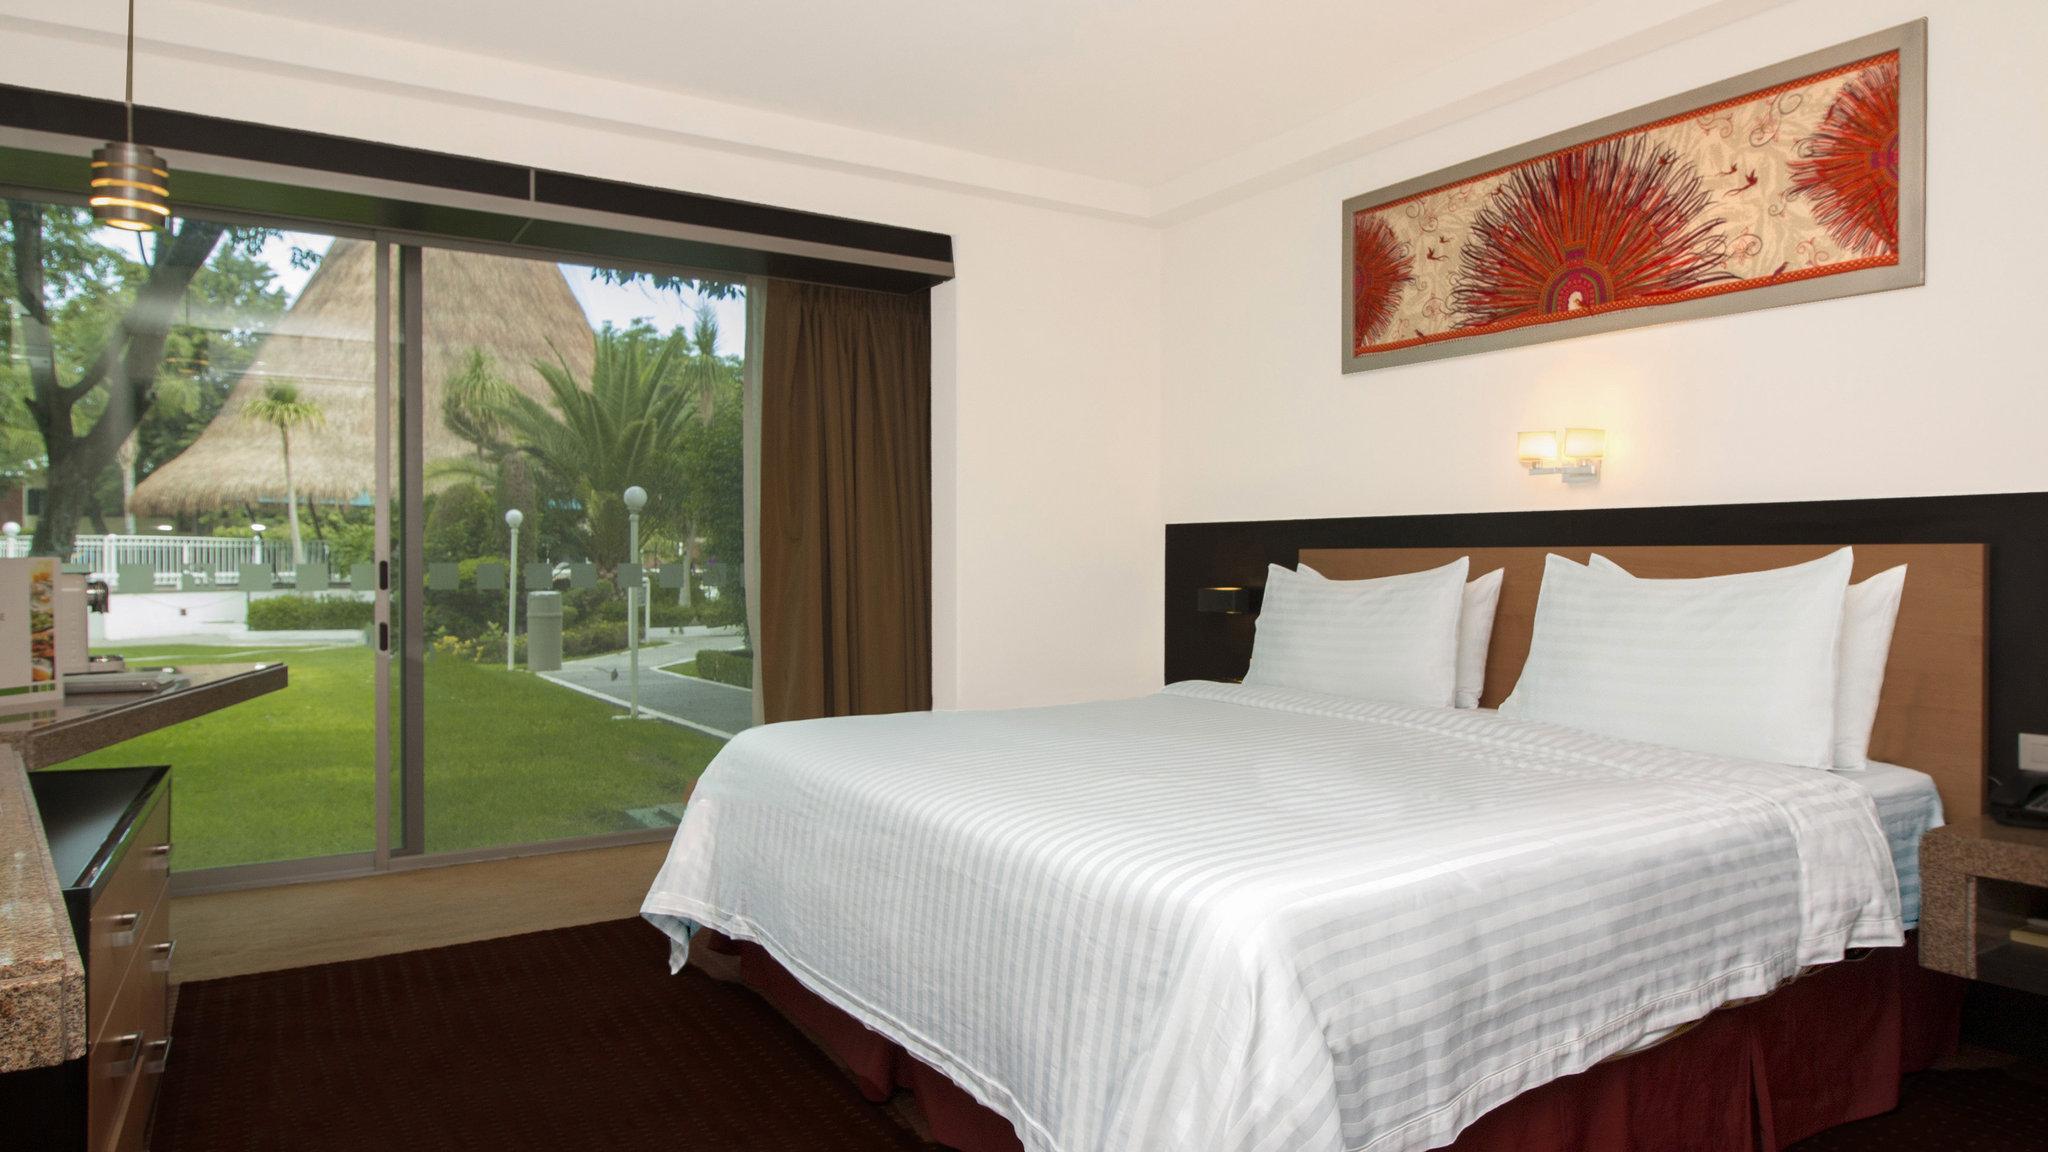 Holiday Inn SAN LUIS POTOSI-QUIJOTE